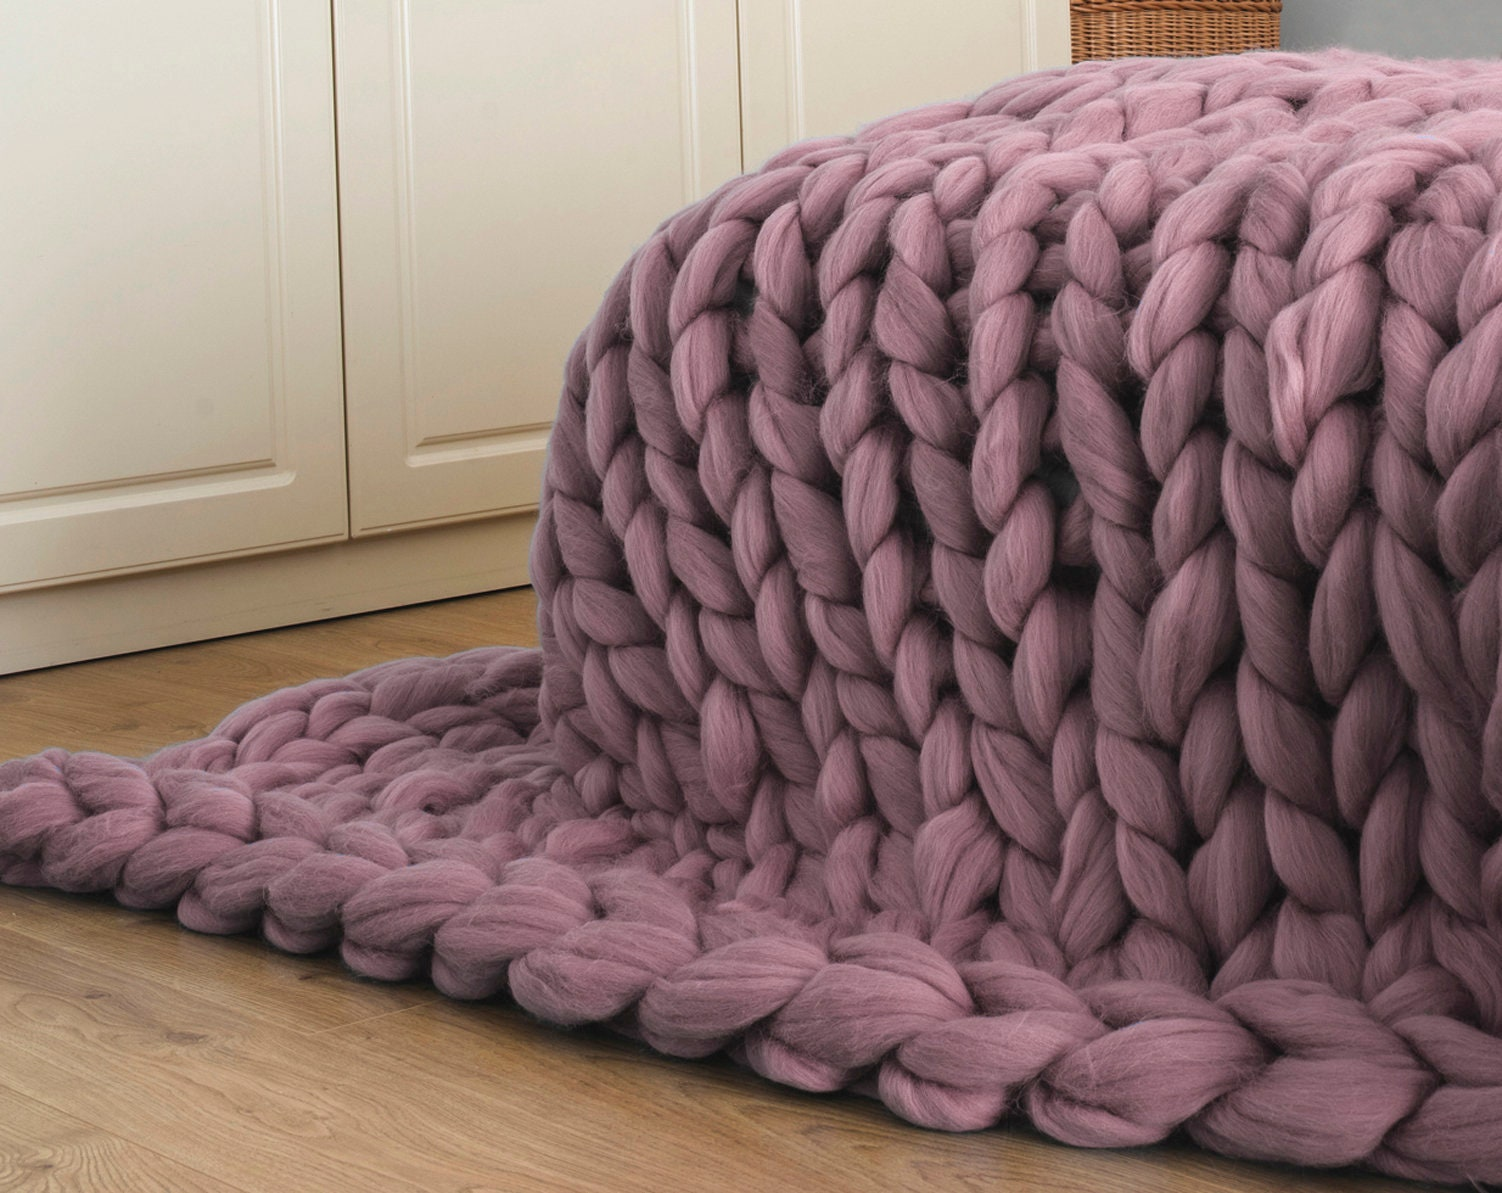 Chunky Wolle Decke : chunky riesen garn wolle decke aus handstrickte merino ~ Watch28wear.com Haus und Dekorationen